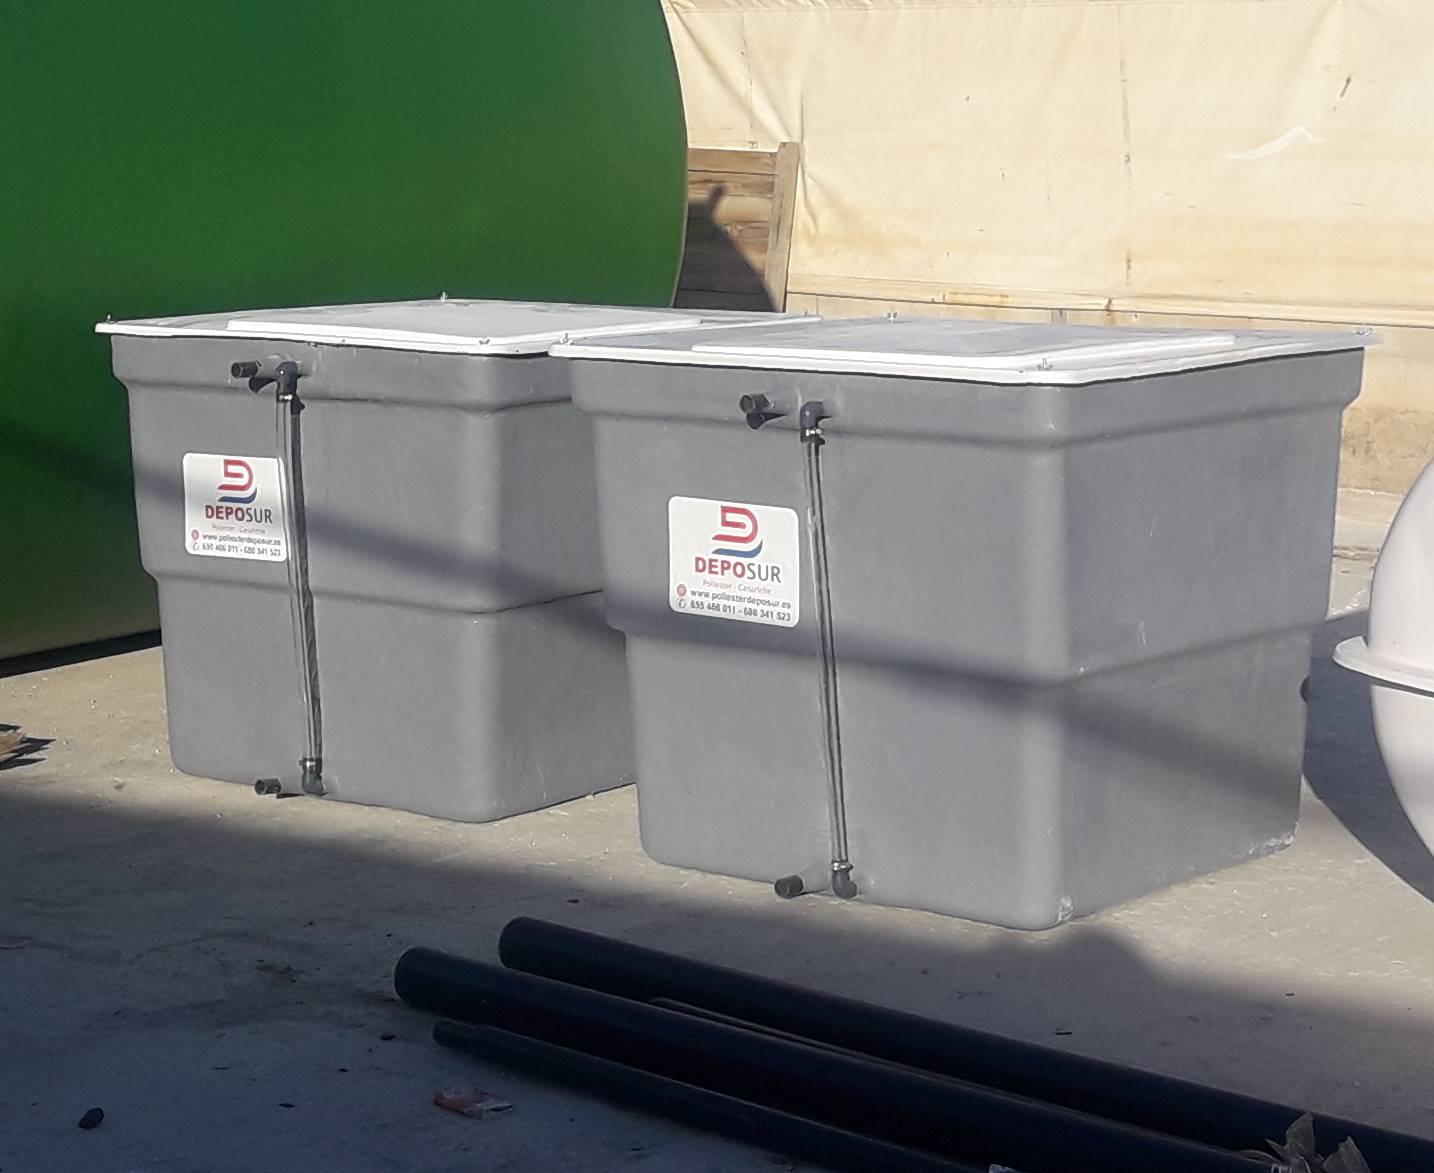 Depósito standard rectangular con tapa